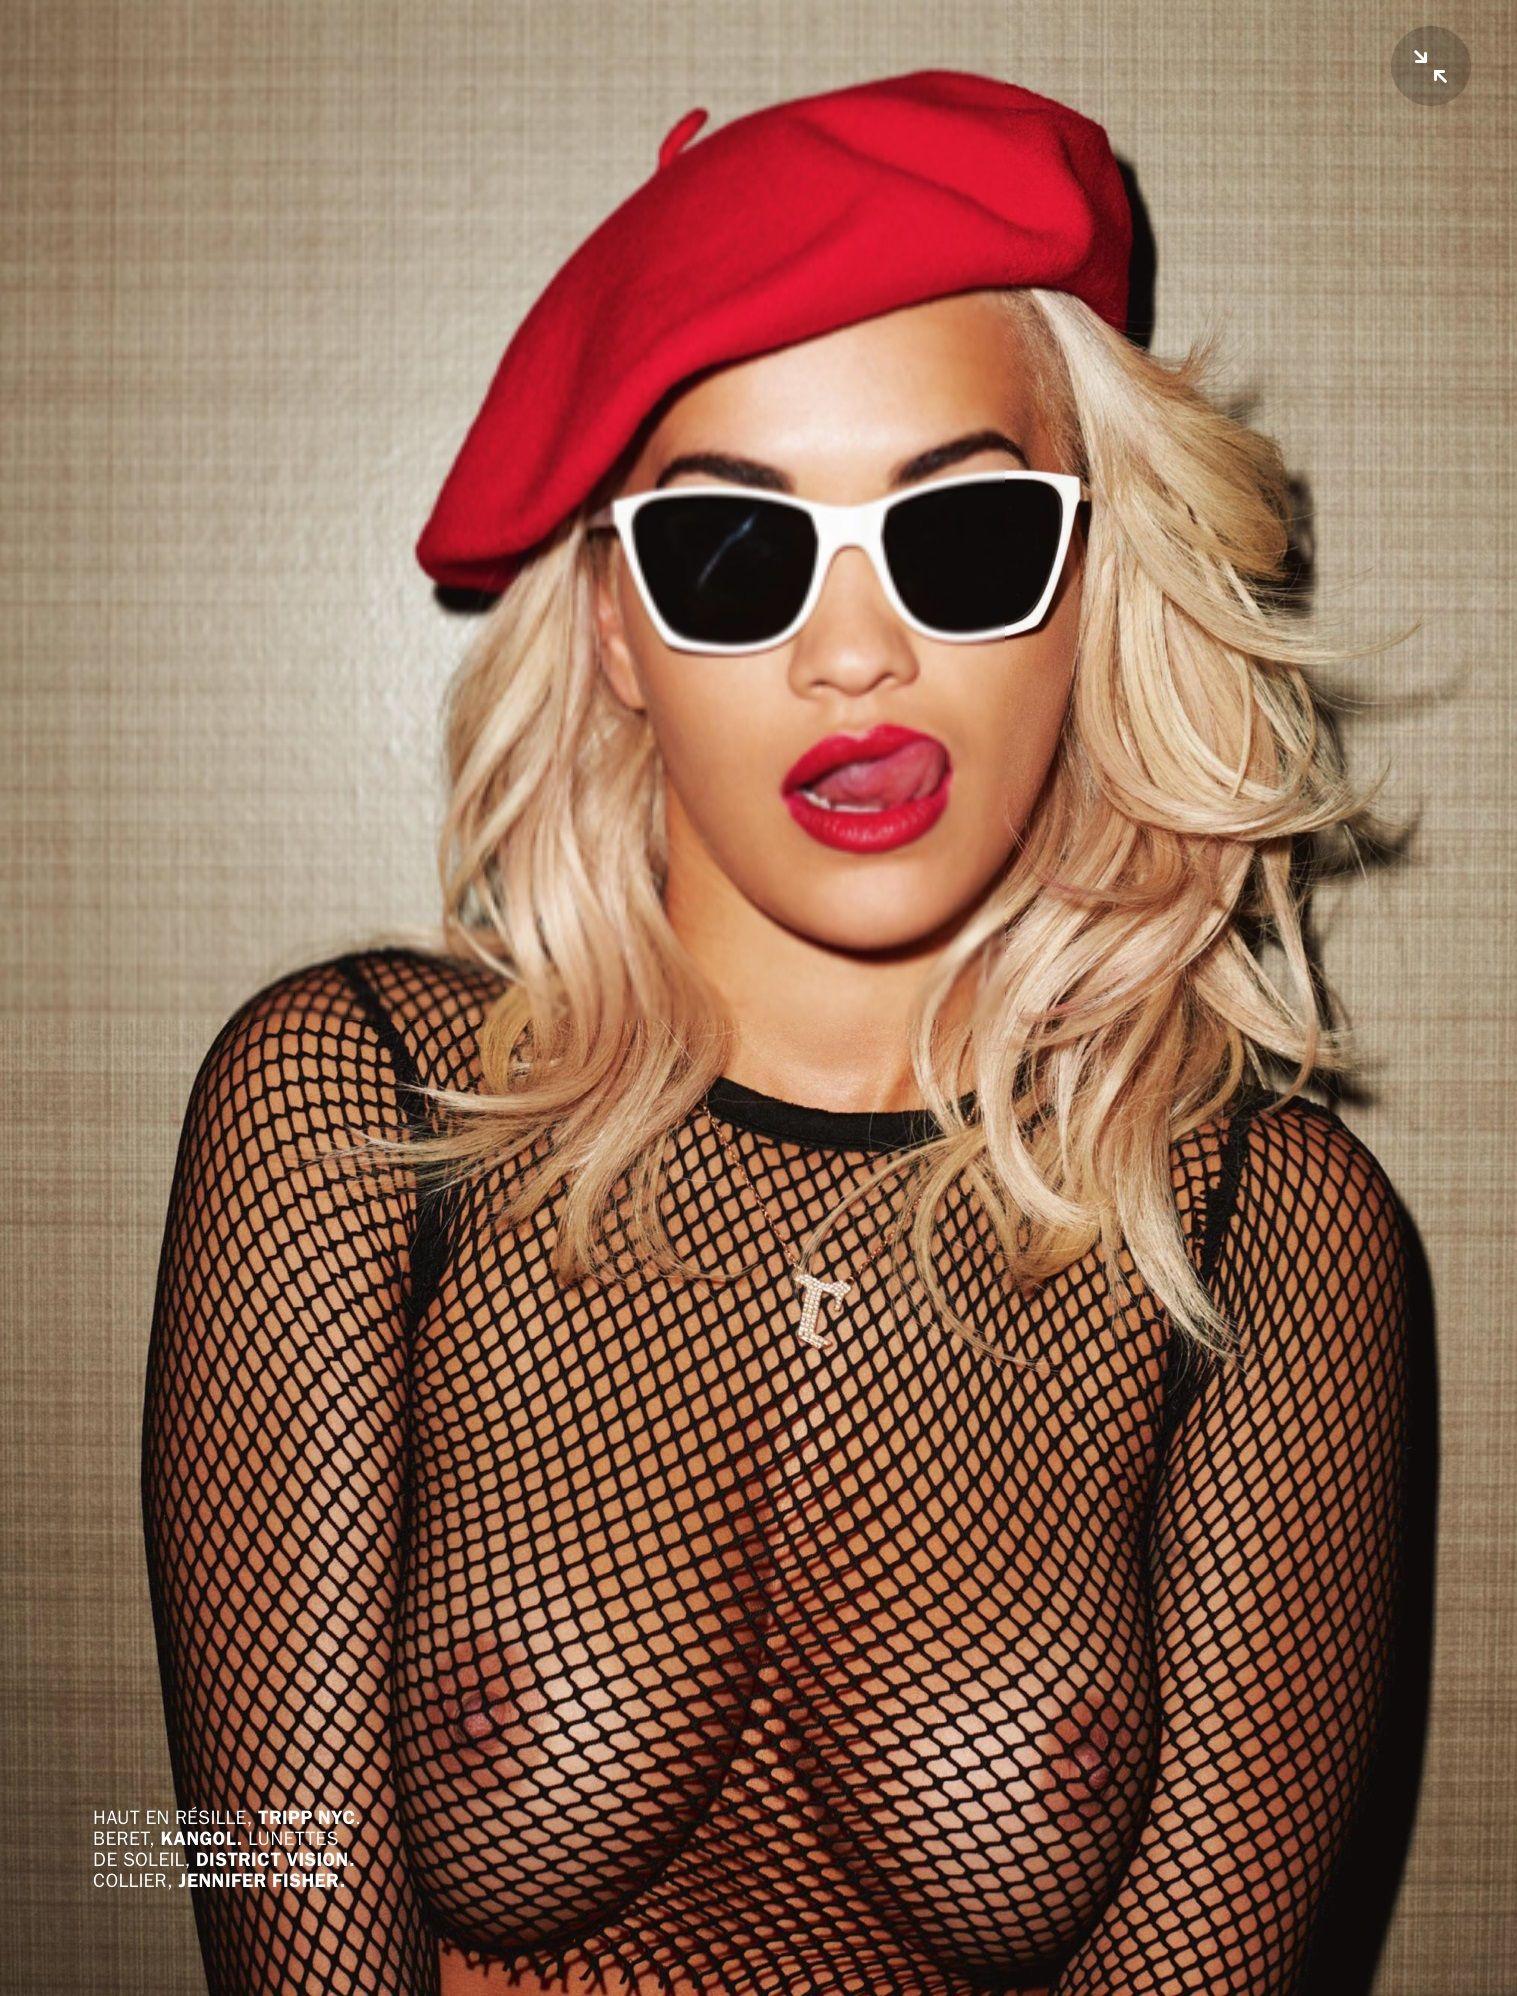 Topless Pics Of Rita Ora